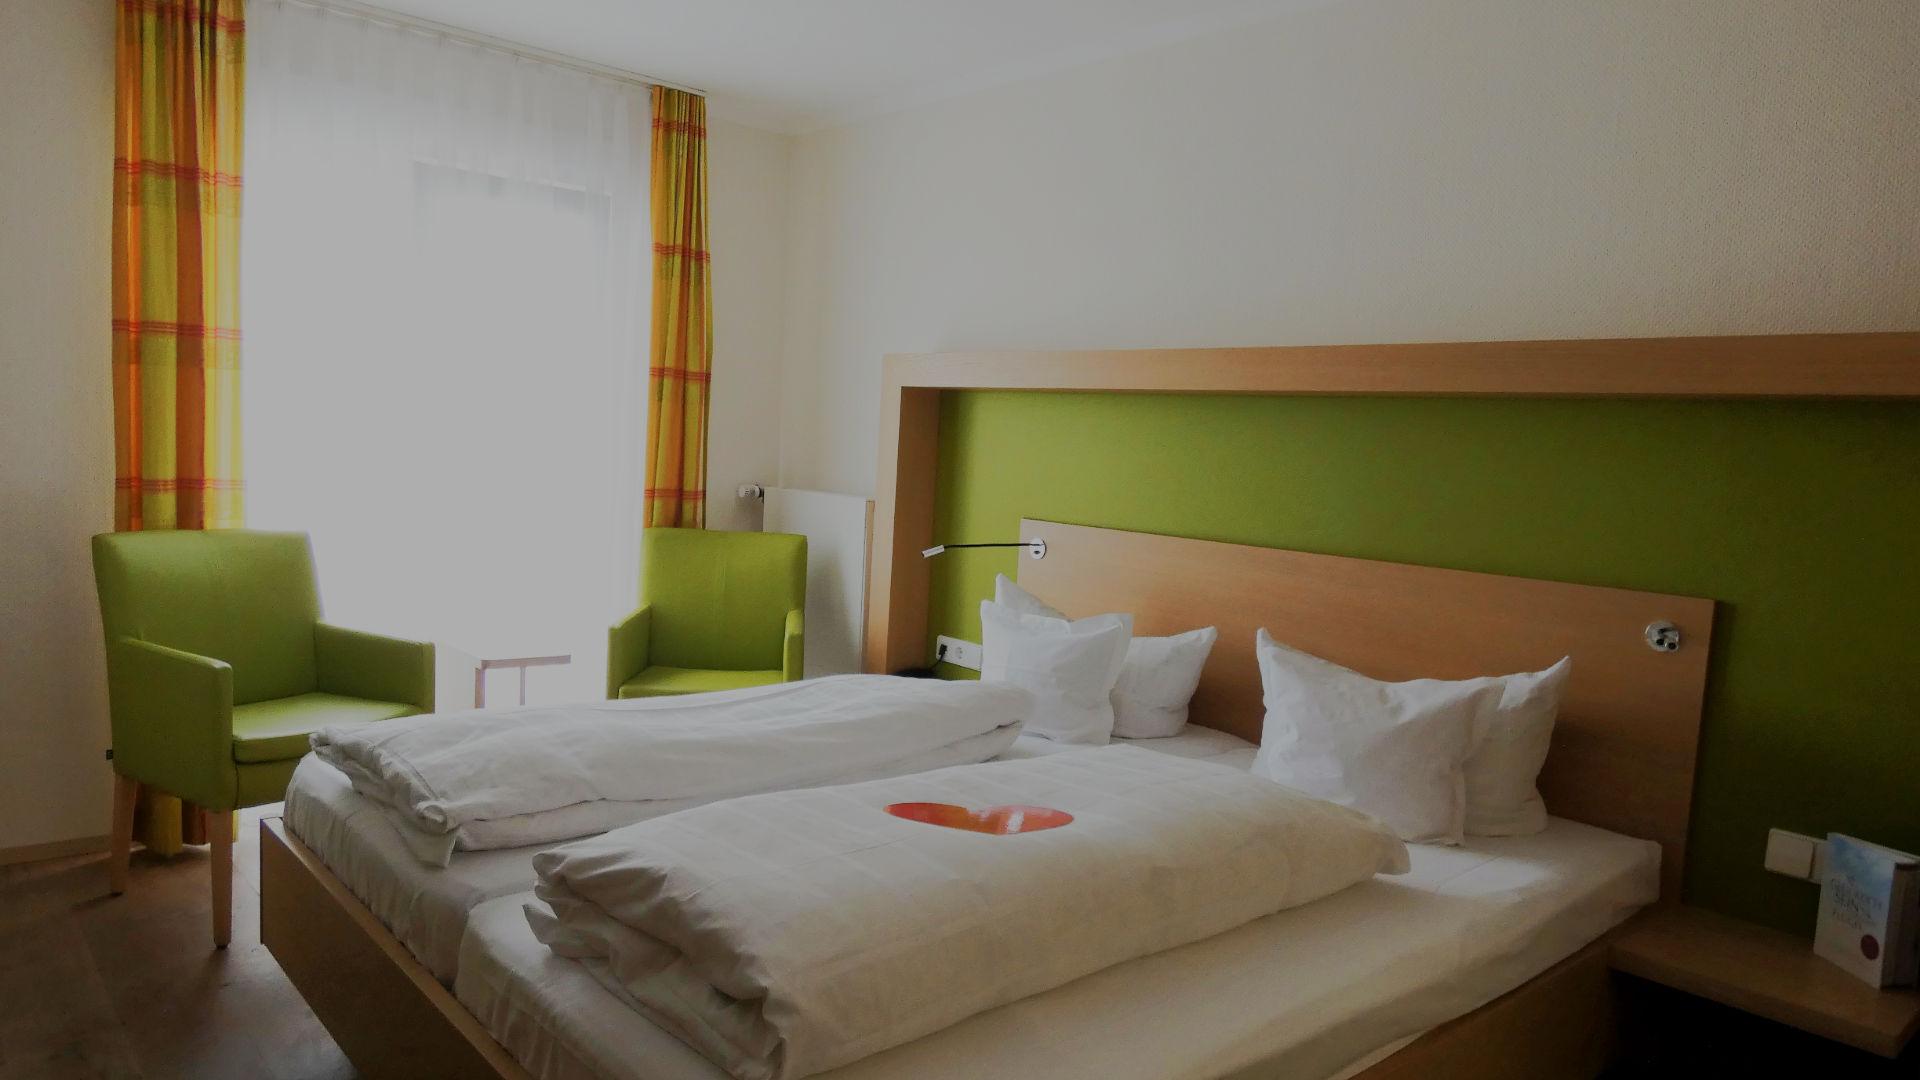 Betten zum Wohlfühlen im Doppelzimmer mit Balkon zur Seite und Seesicht